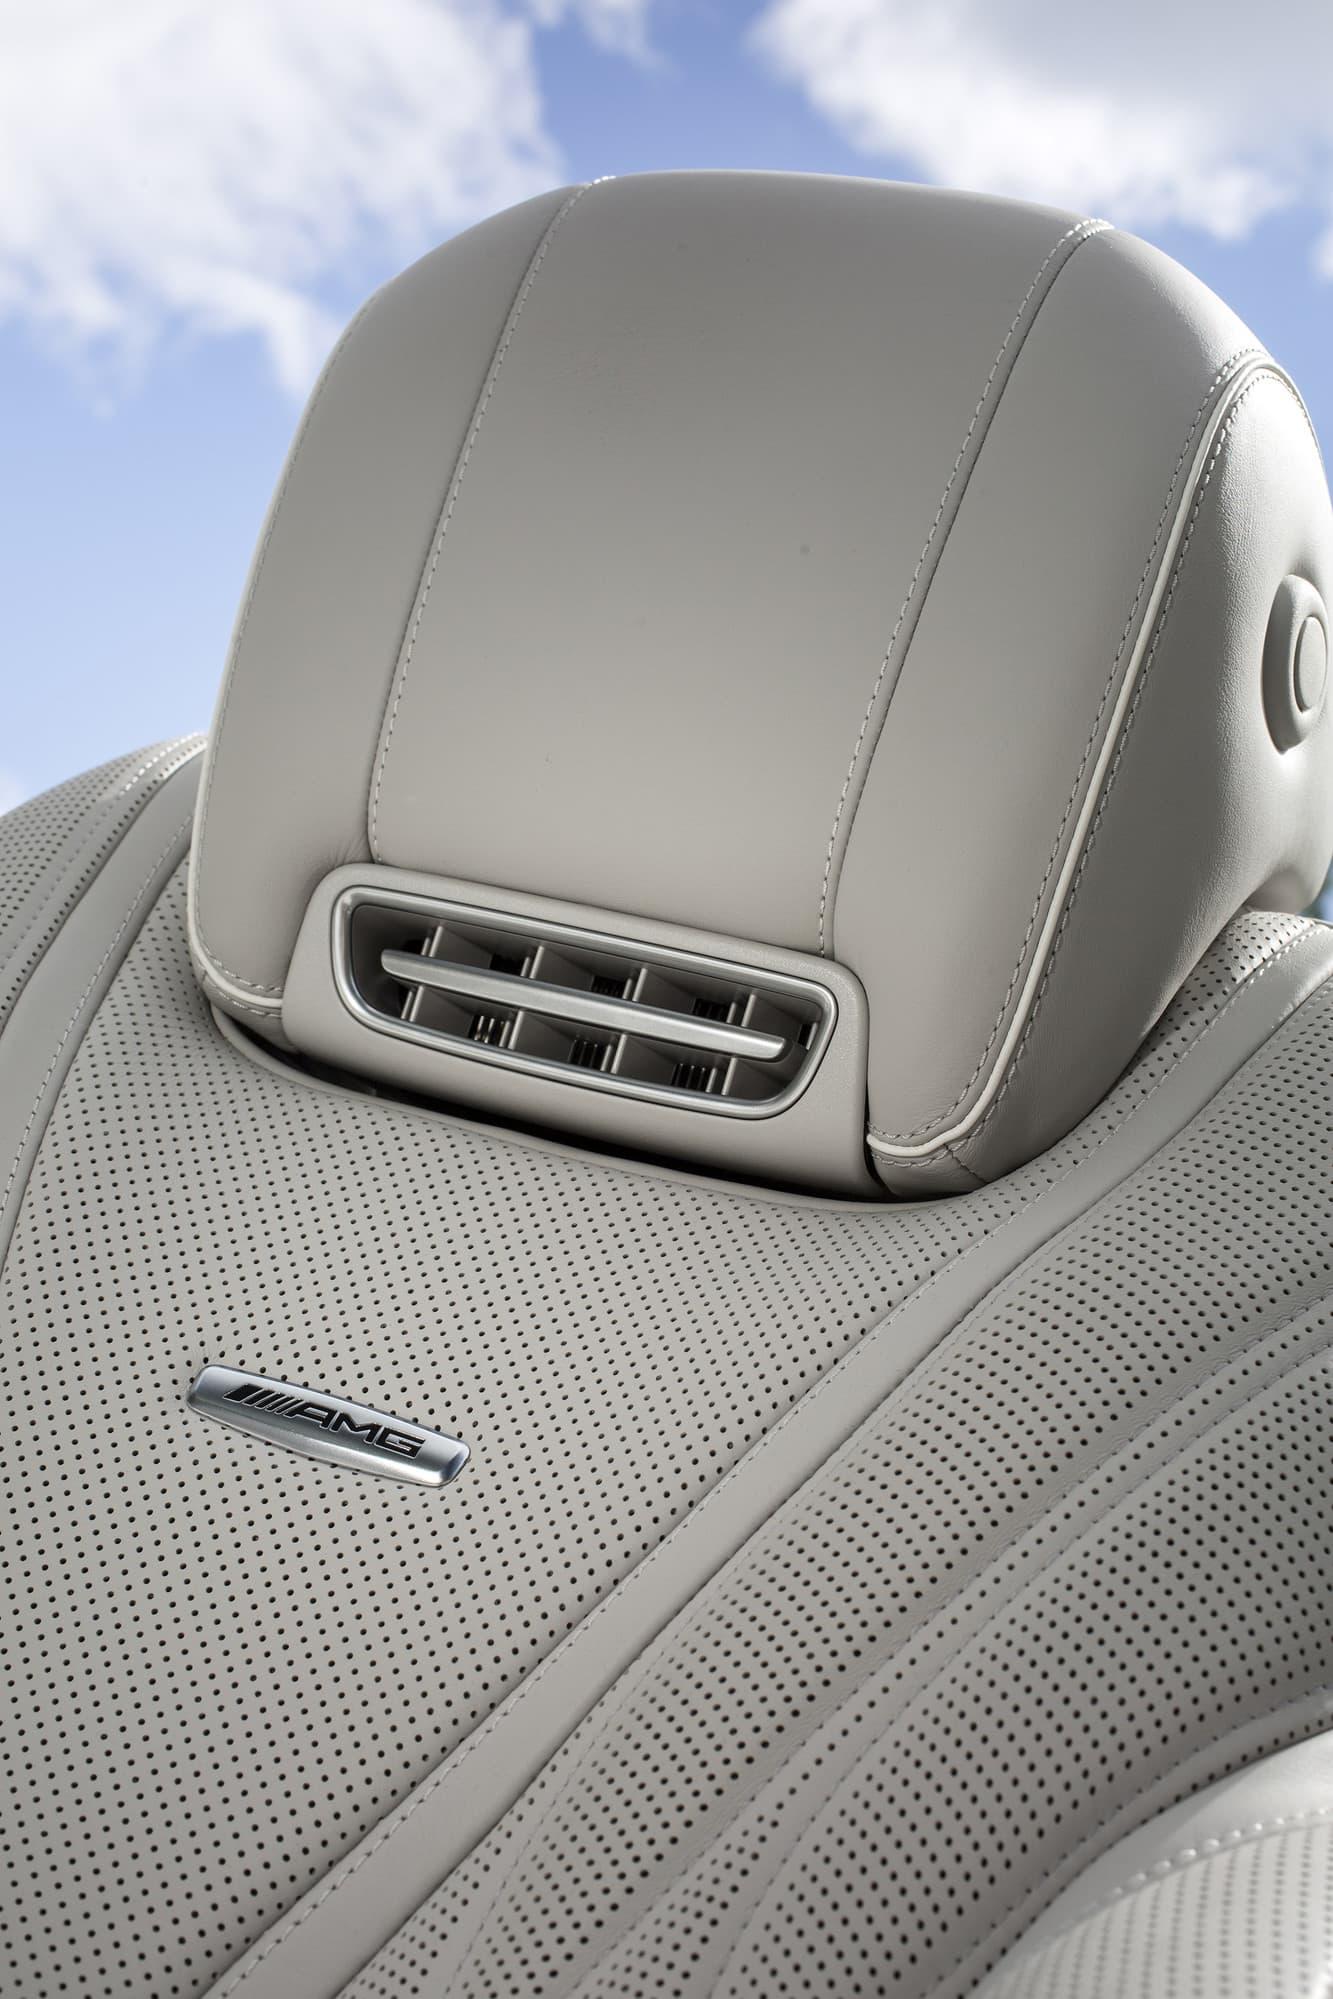 Genom nackstödet kan varm luft värma nacken kalla dagar om man ändå vill köra med taket nere.